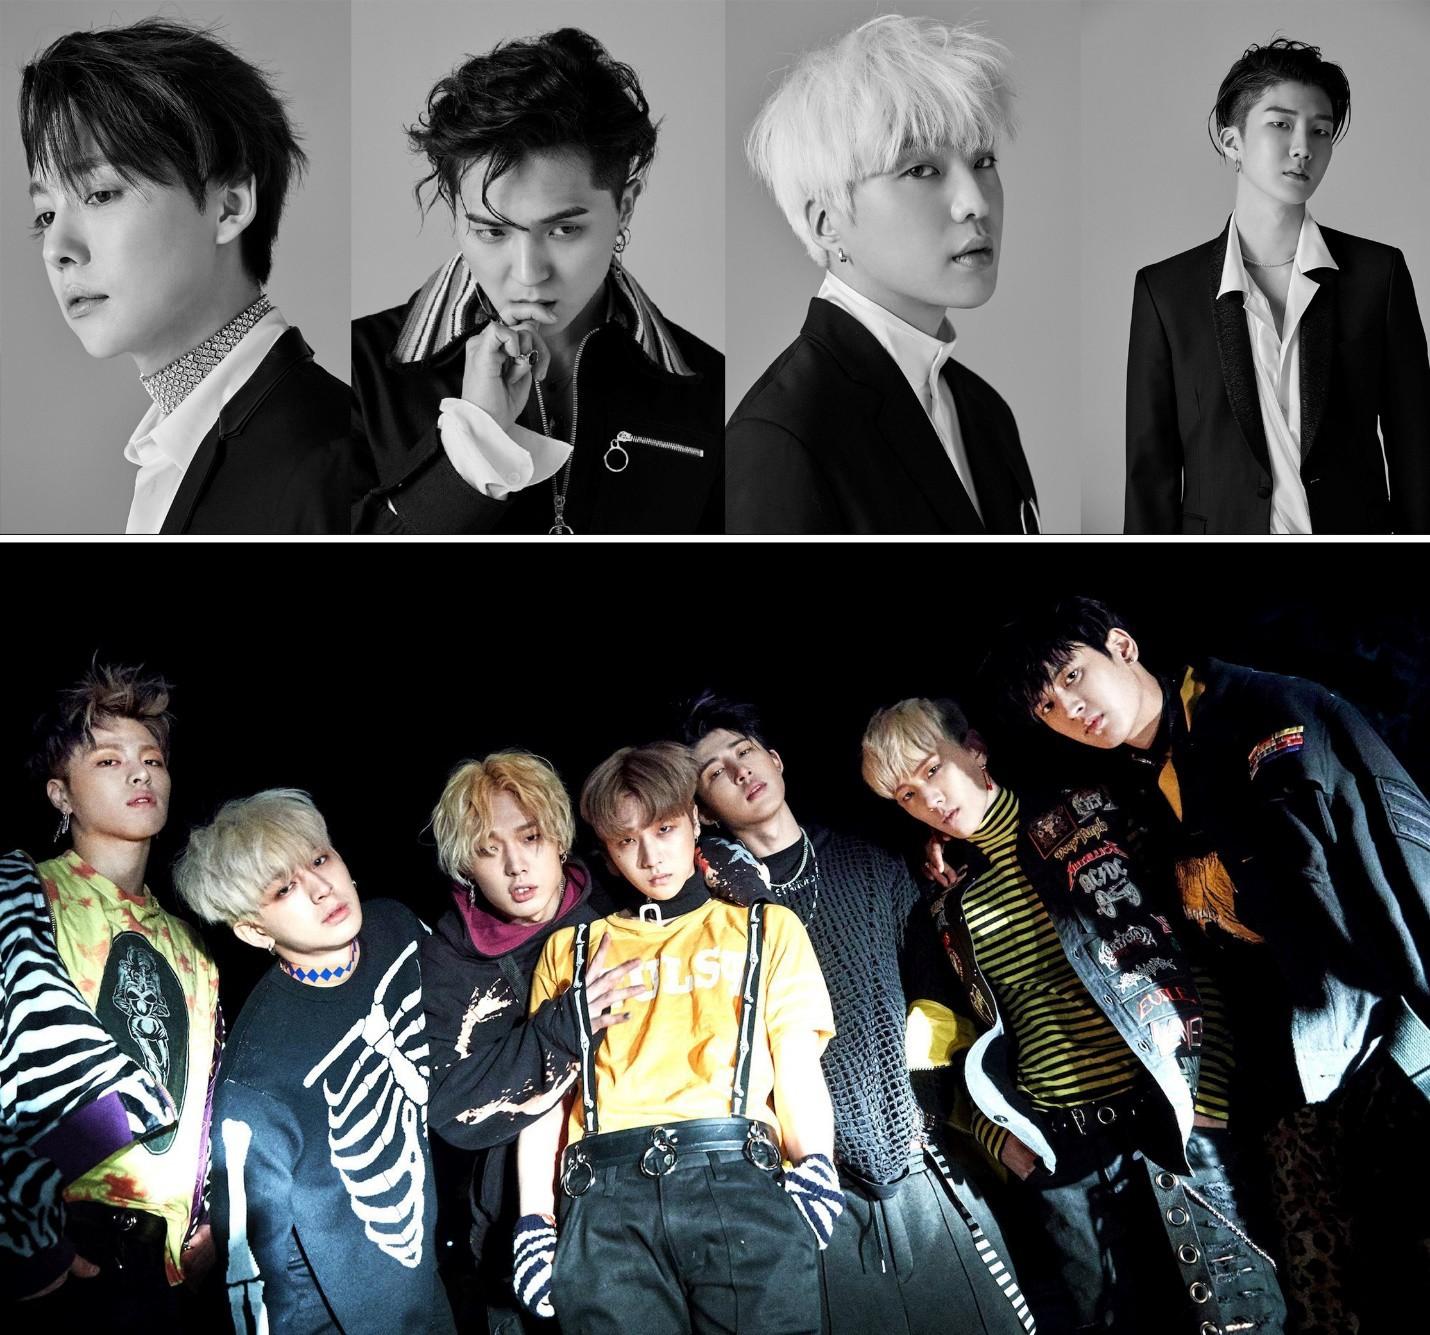 """Đế chế YG của Kpop thế hệ thứ 3: Nhức nhối câu chuyện """"chiếc hòm châu báu"""" và sự đổ vỡ của thương hiệu """"YG Family"""" - Ảnh 7."""